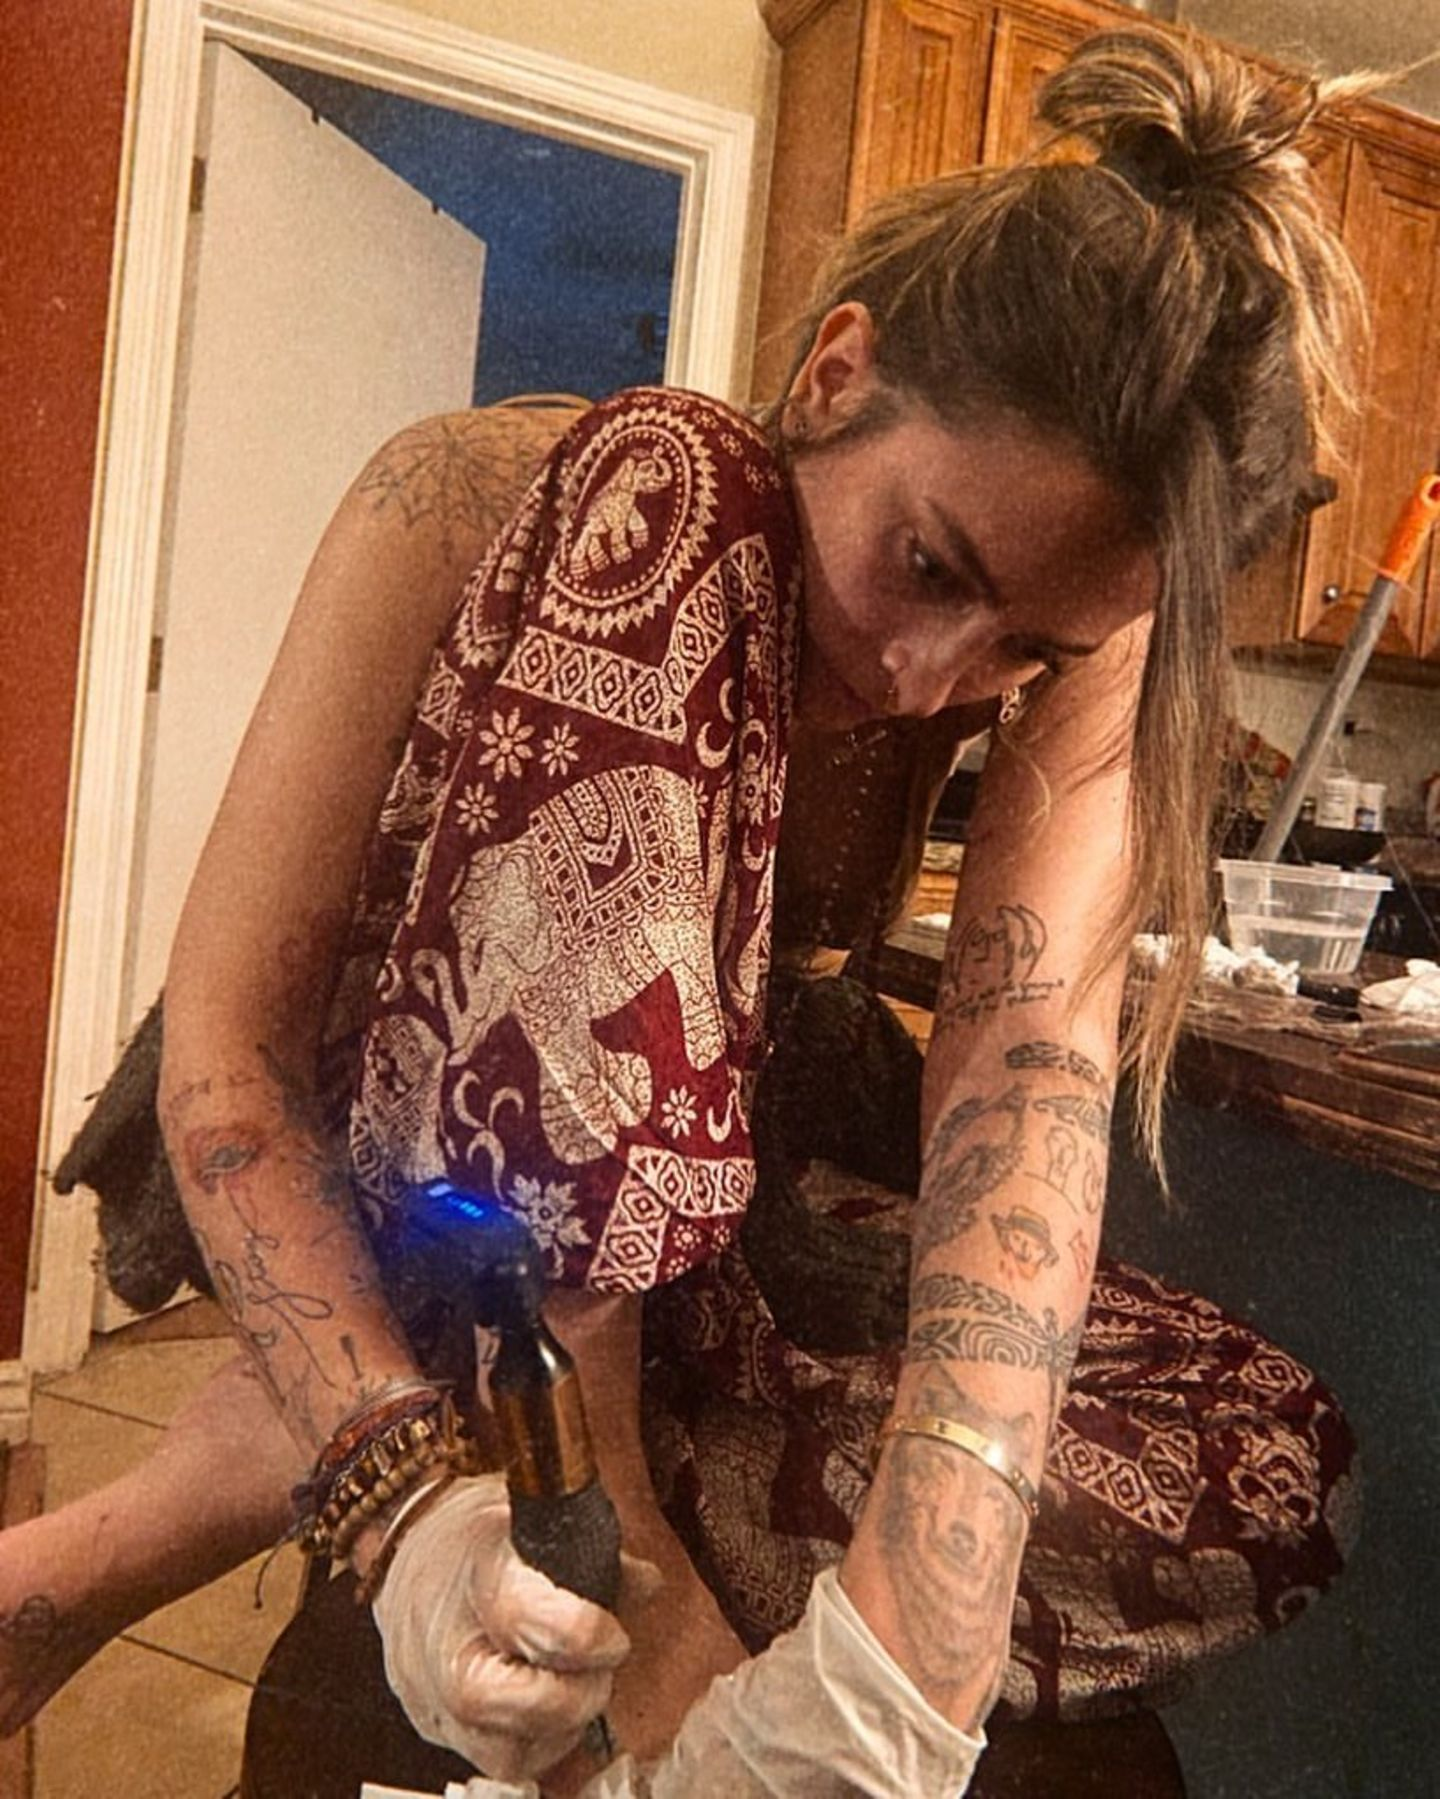 12. Mai 2020  Noch gibt es freie Stellen am Körper.Wenn in Coronazeiten die Tattoo-Studios nicht geöffnet haben, muss es eine andere Lösung geben. Paris Jackson ist gut ausgerüstet und greift selbst zur Tattoomaschine, um ein Kunstwerk auf ihren Fußrücken zu zaubern.